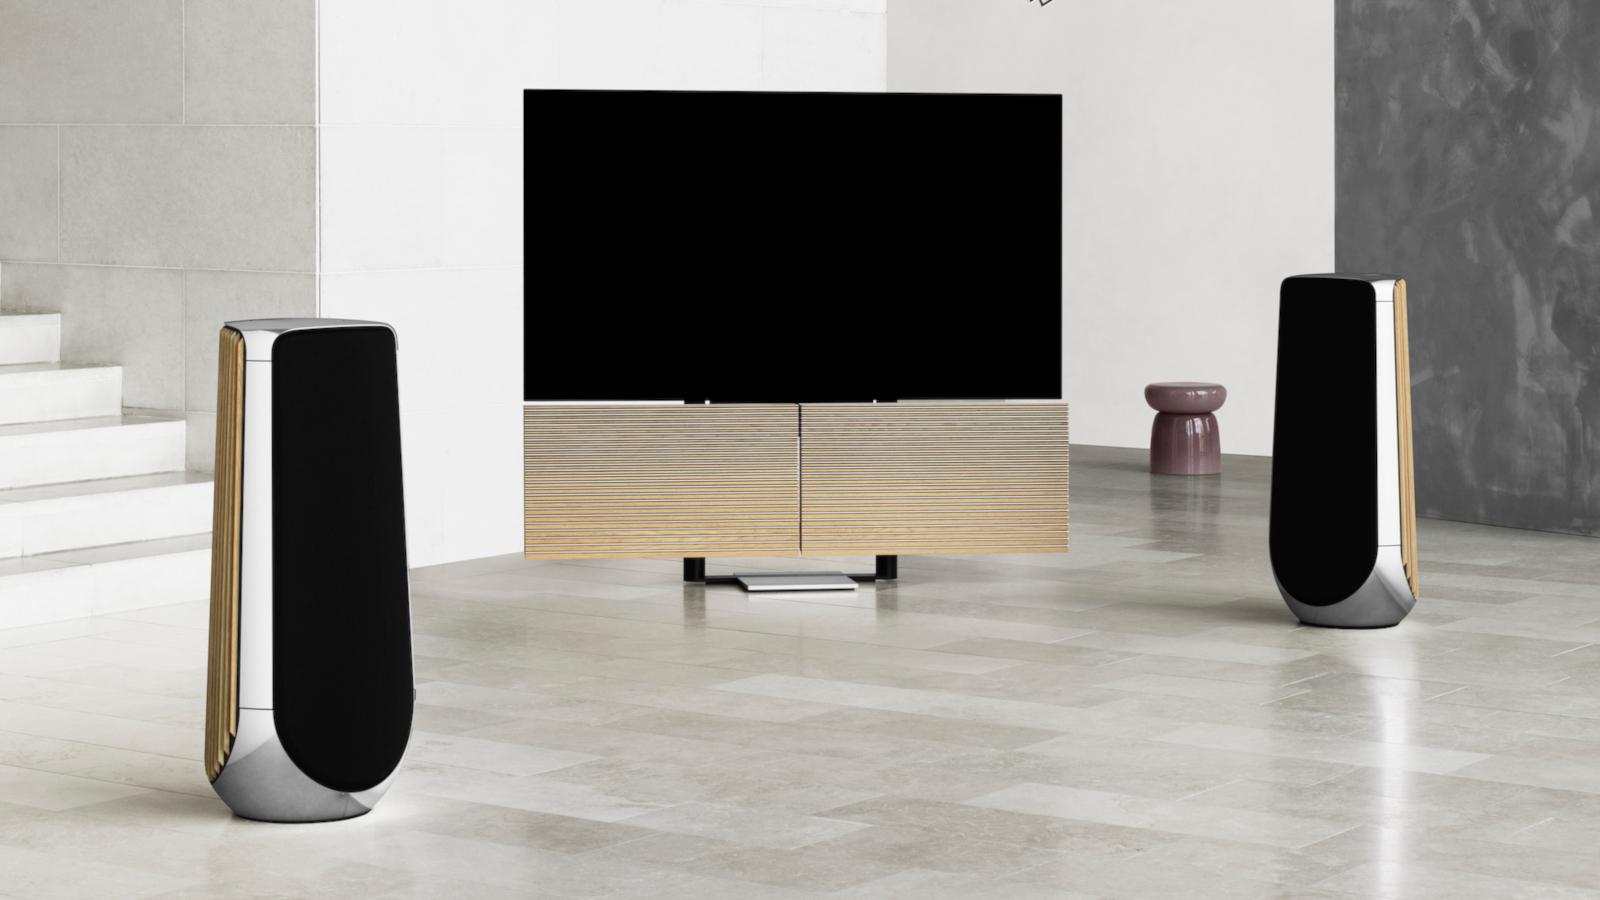 bang-olufsen-beovision-harmony-tv